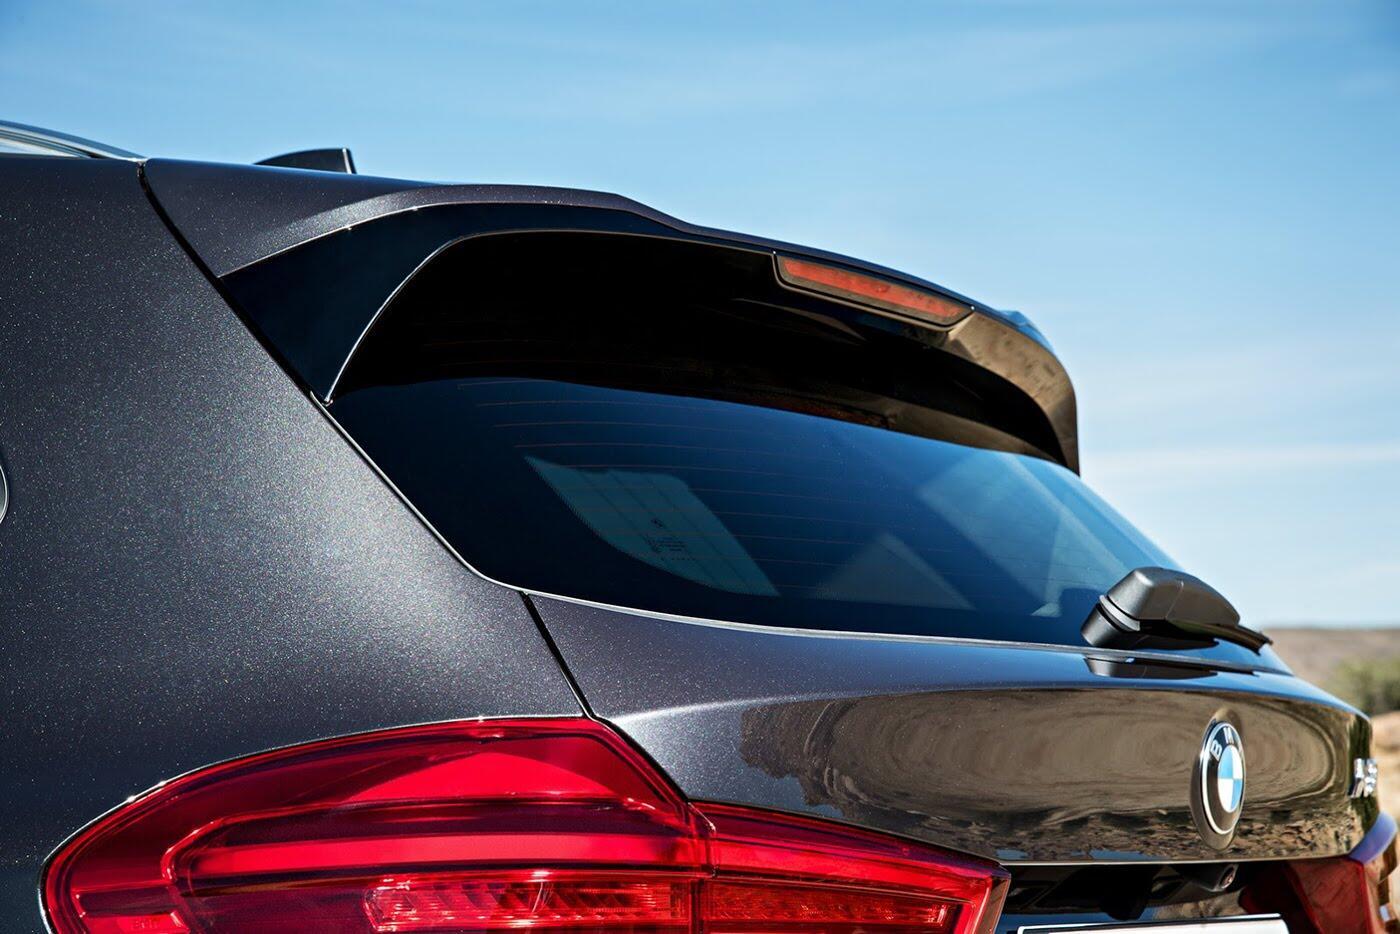 Ảnh chi tiết BMW X3 2018 hoàn toàn mới - Hình 28